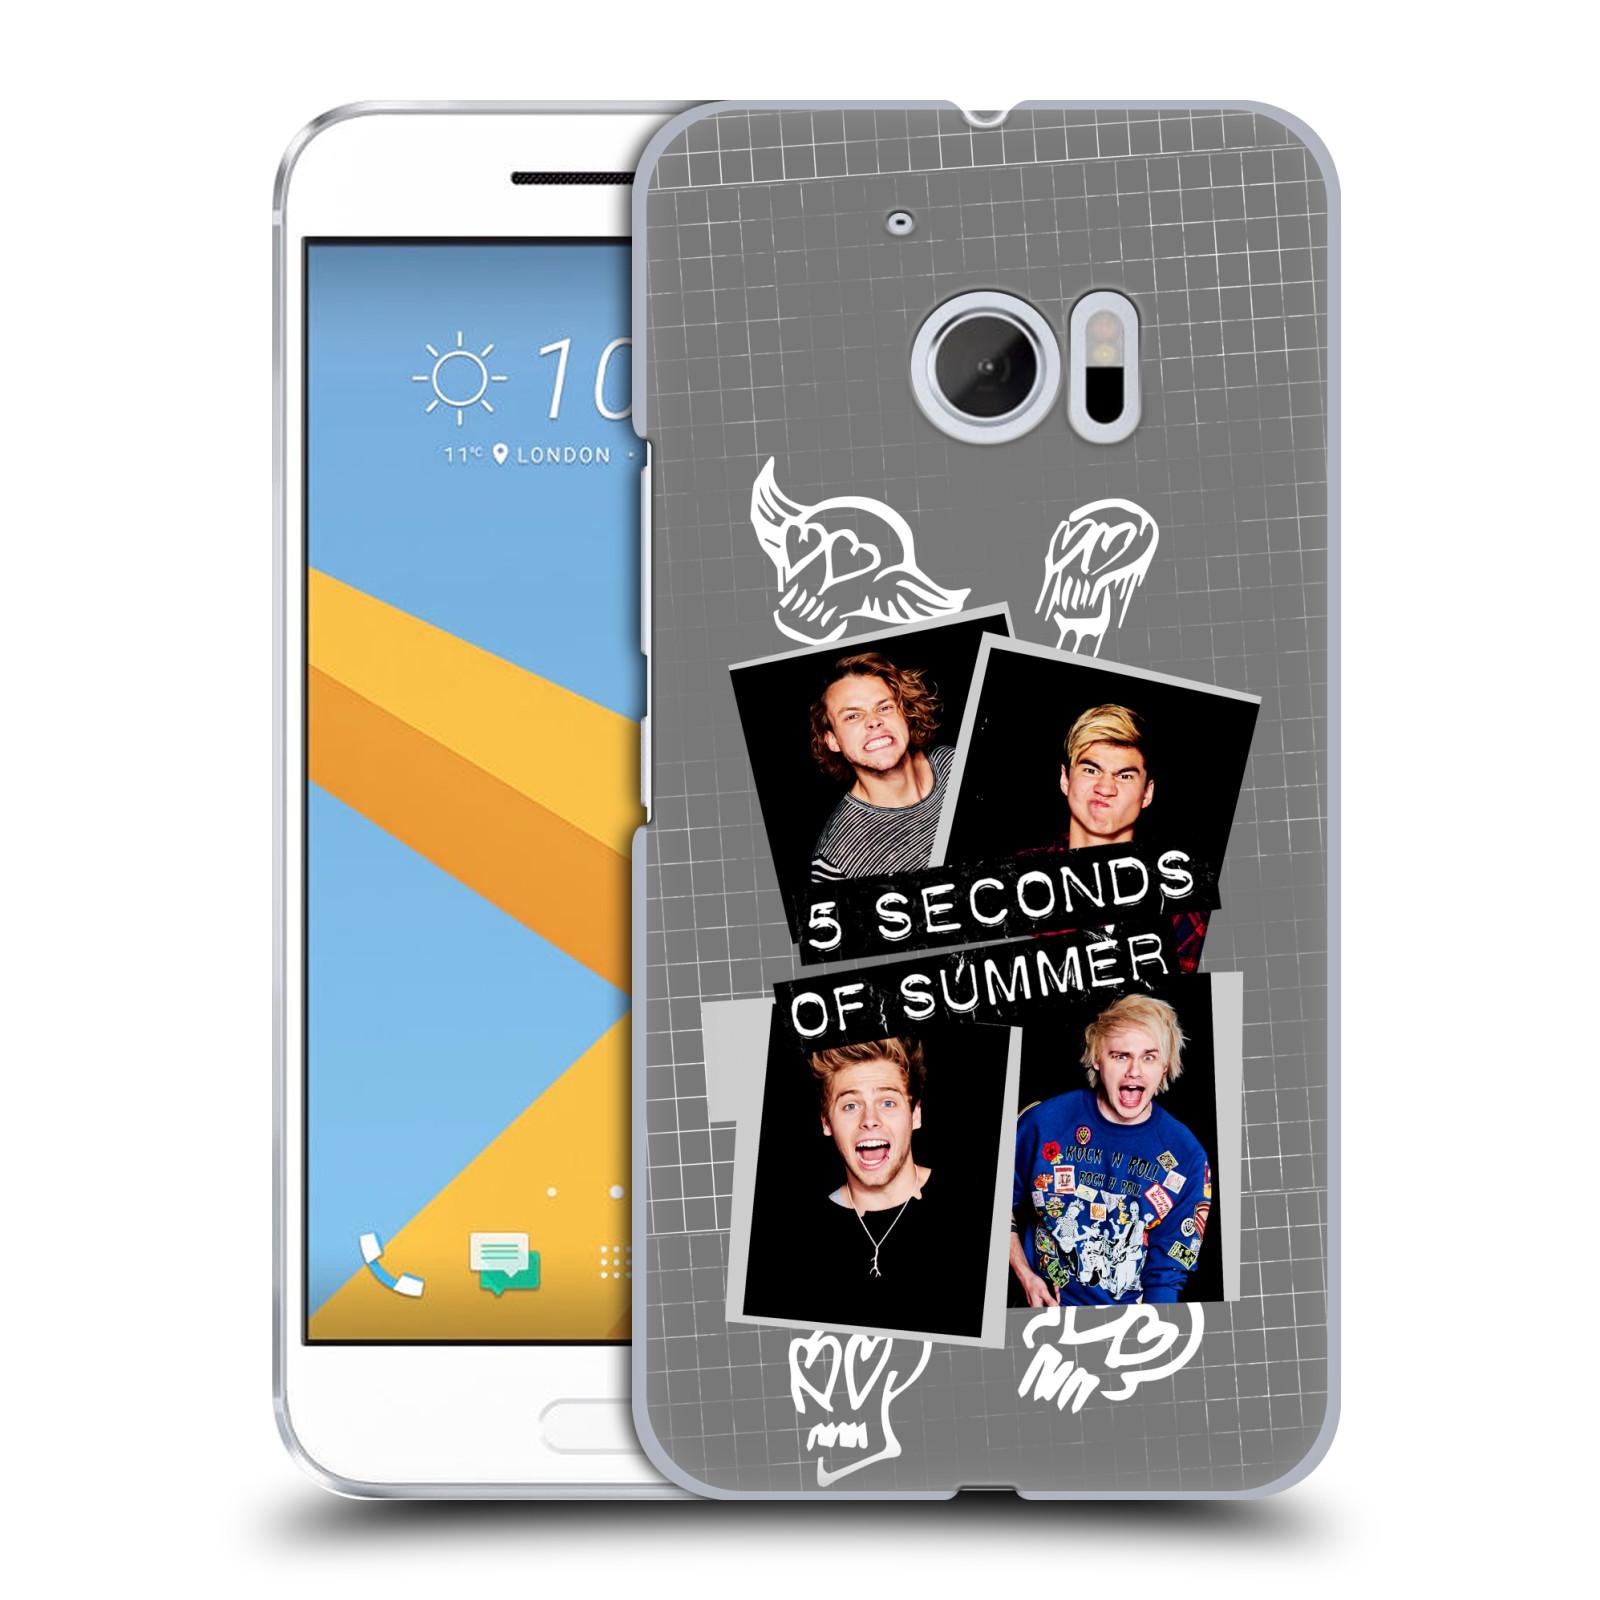 Plastové pouzdro na mobil HTC One 10 - Head Case - 5 Seconds of Summer - Band Grey (Plastový kryt či obal na mobilní telefon licencovaným motivem 5 Seconds of Summer pro HTC One 10 (M10))